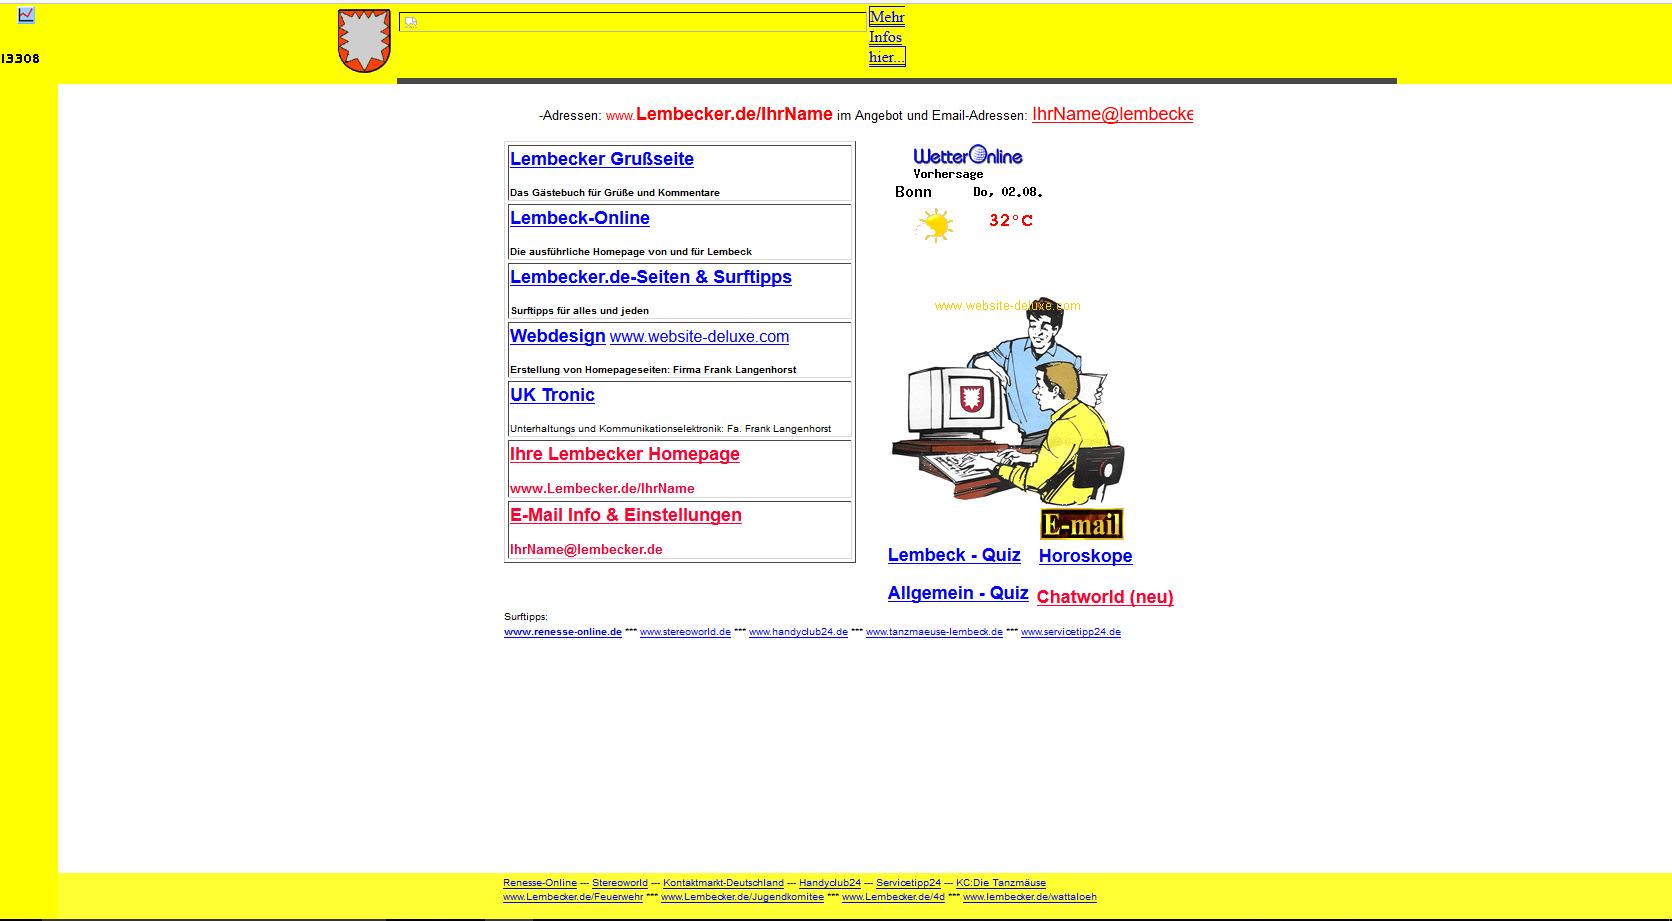 lembecker.de-22.09.2001